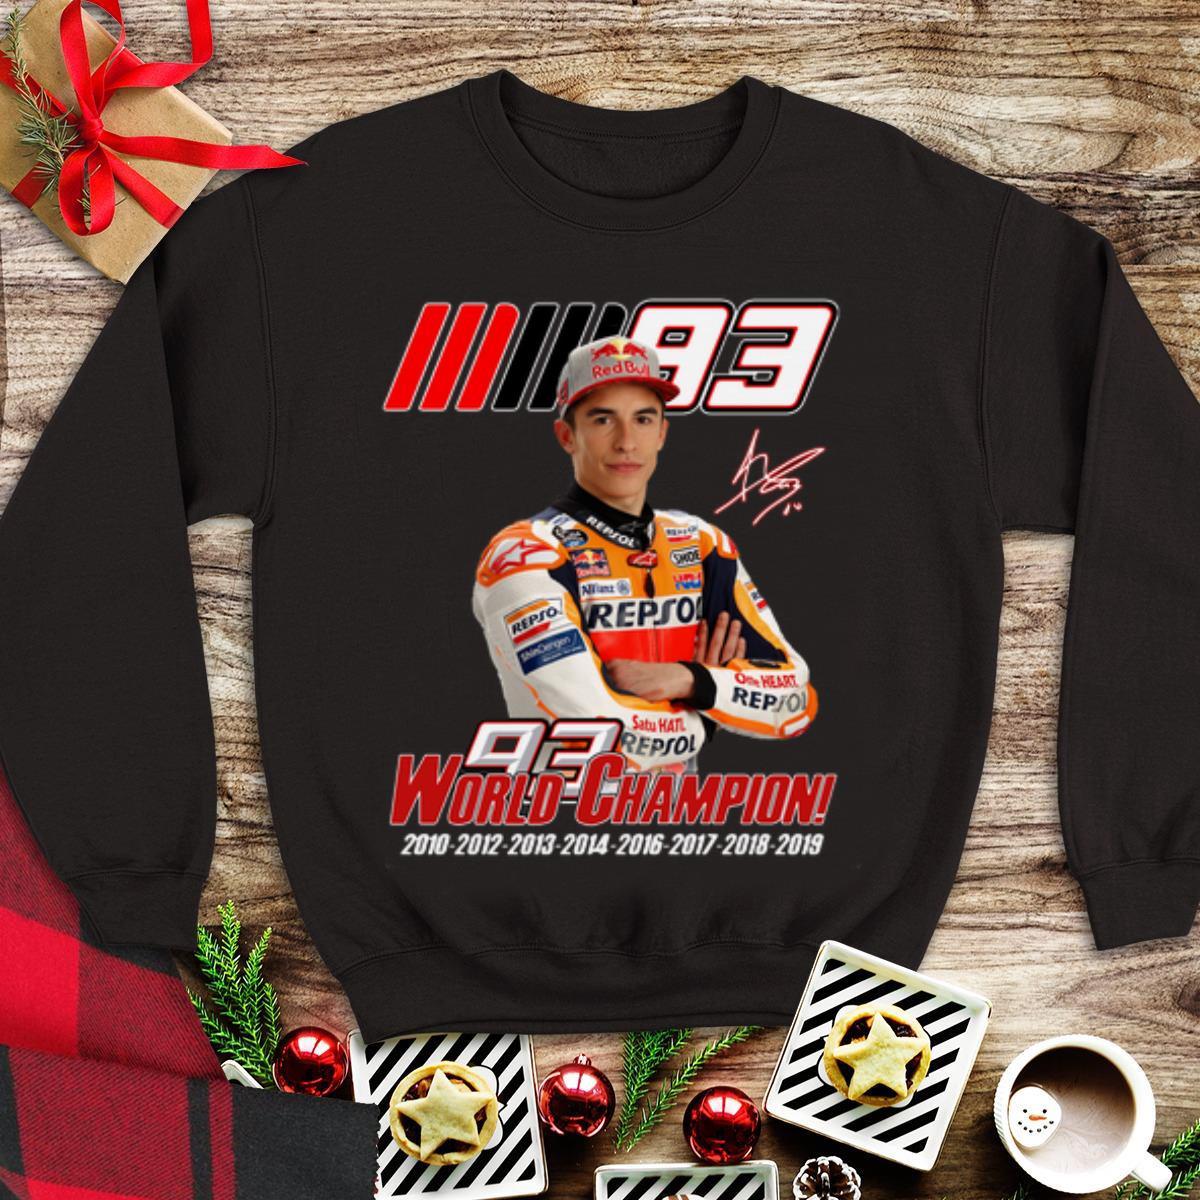 cała kolekcja nieźle najwyższa jakość Awesome MM93 World Champion Marc Marquez shirt, hoodie ...